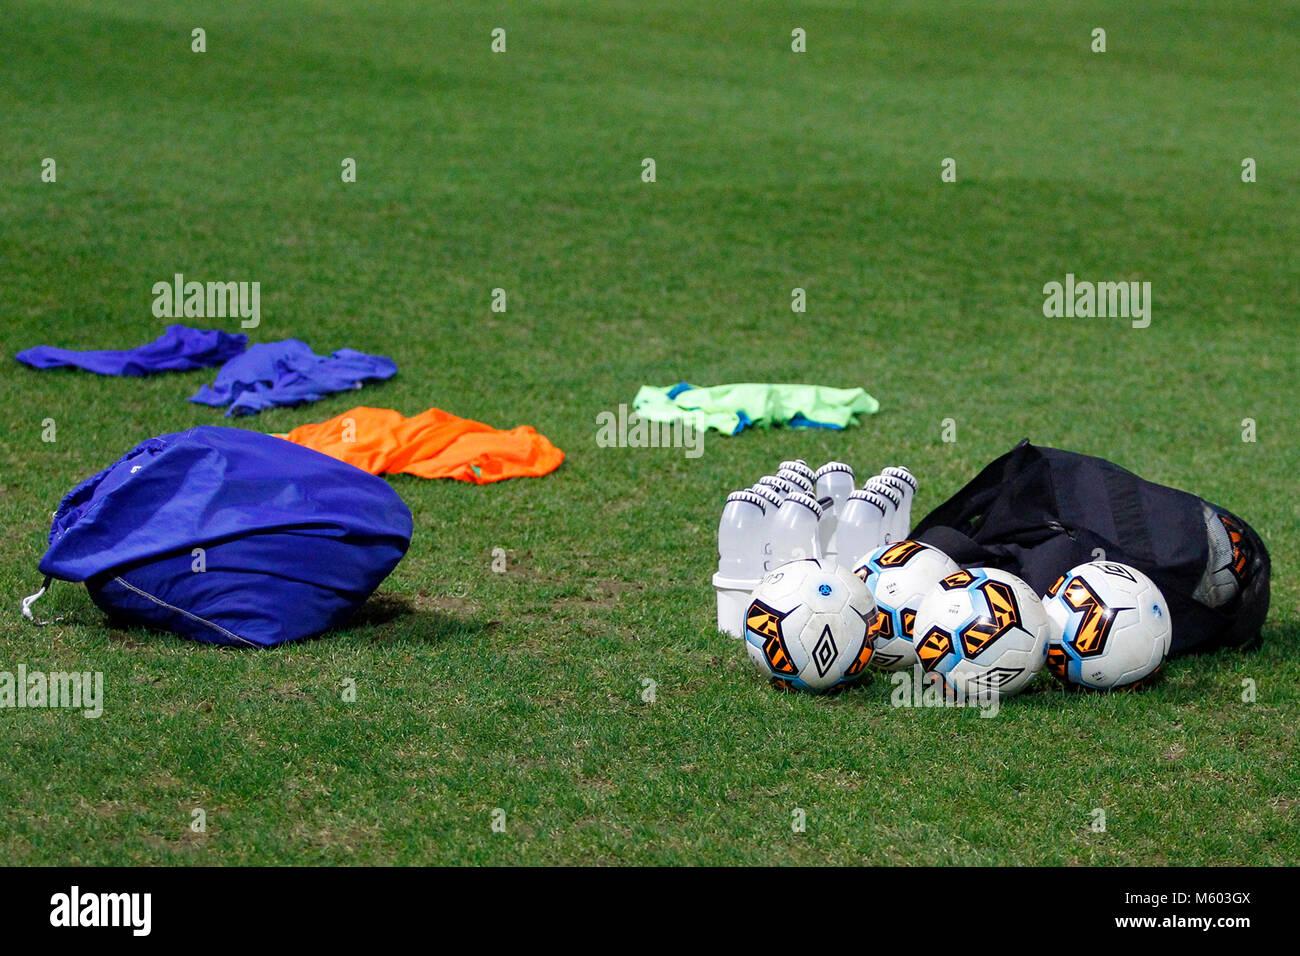 Vue générale des bavoirs, des ballons et de l'équipement de formation prêt pour un match de routine d'échauffement Banque D'Images